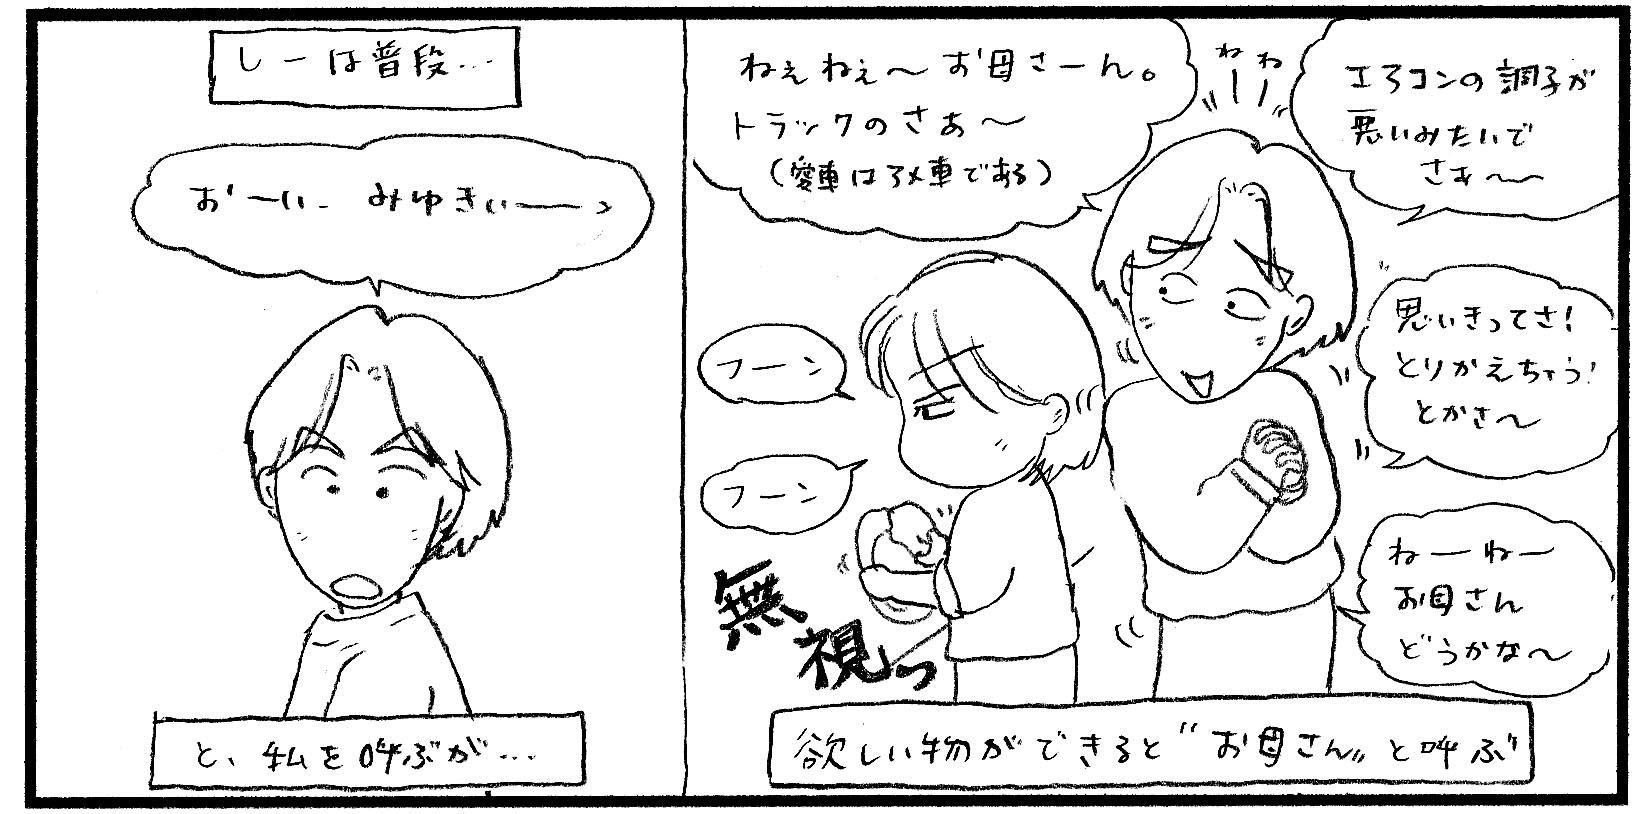 こーゆう時ばっかり(笑)_f0119369_168567.jpg